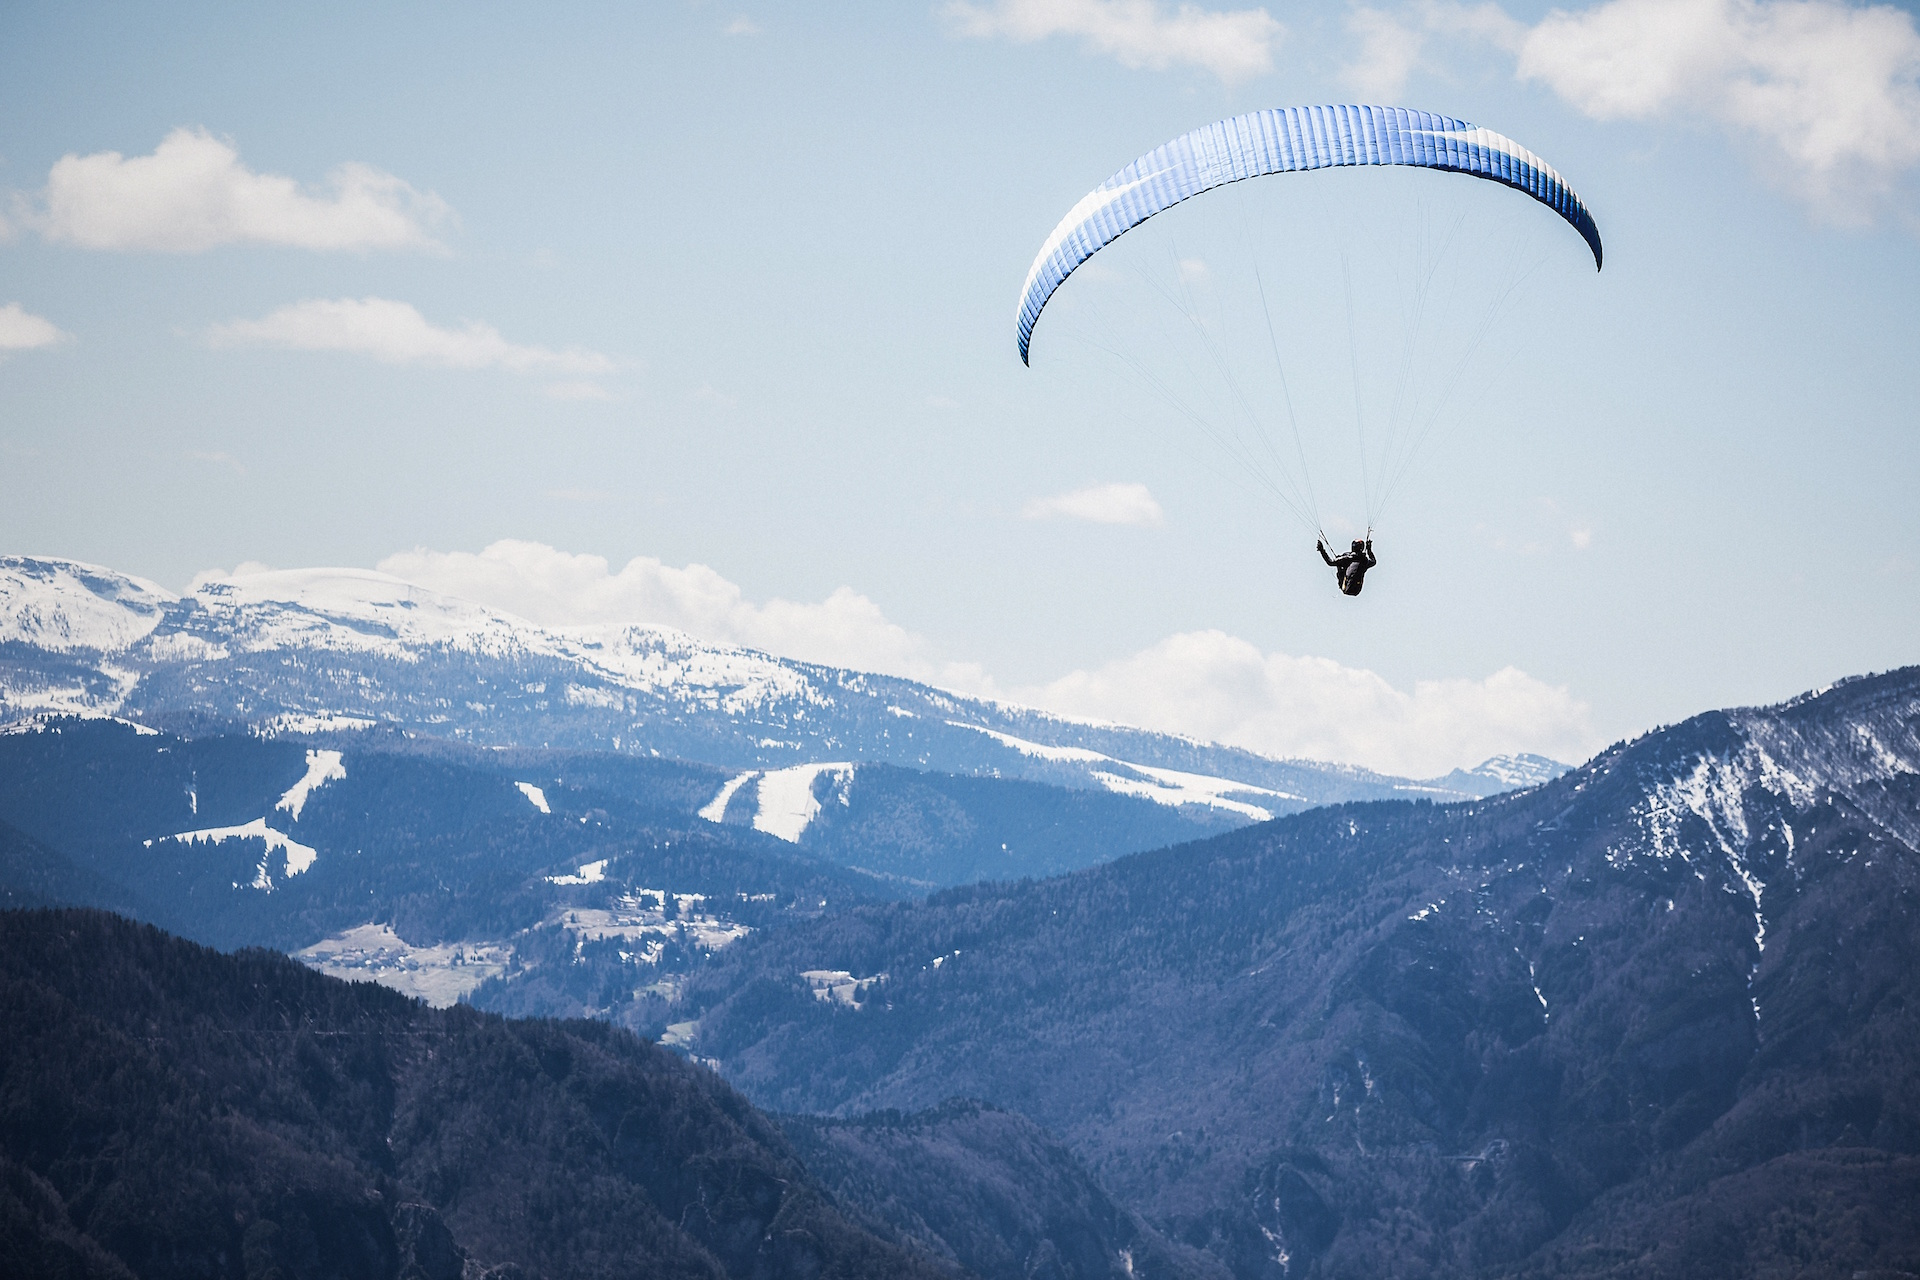 滑翔伞, 引擎, 山脉, 飞, 天空 - 高清壁纸 - 教授-falken.com